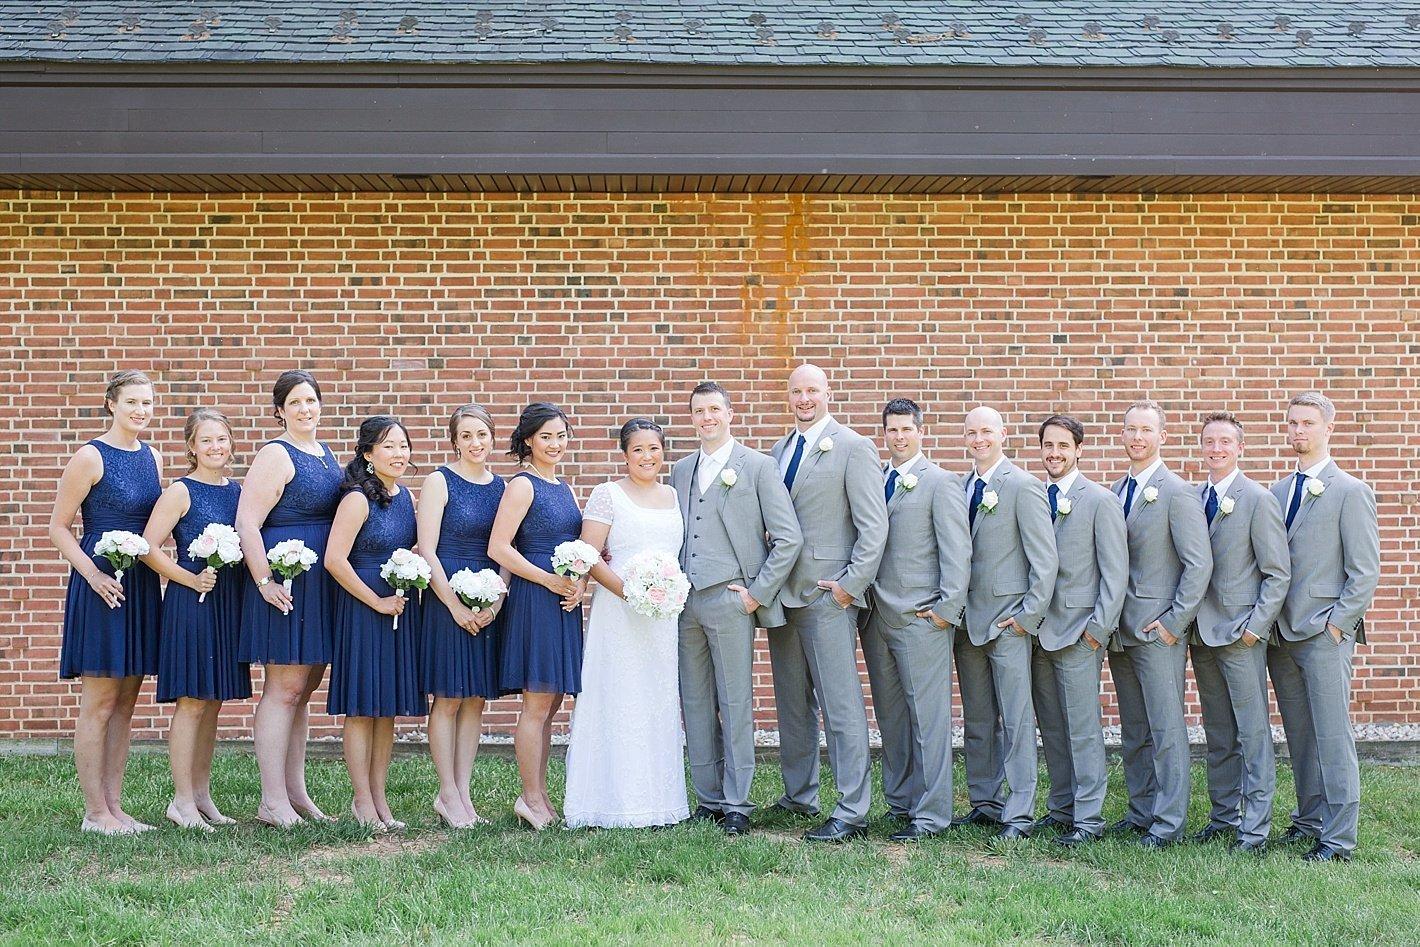 TheGreatRoomatSavageMillweddinghowardcountyweddingphotography-35